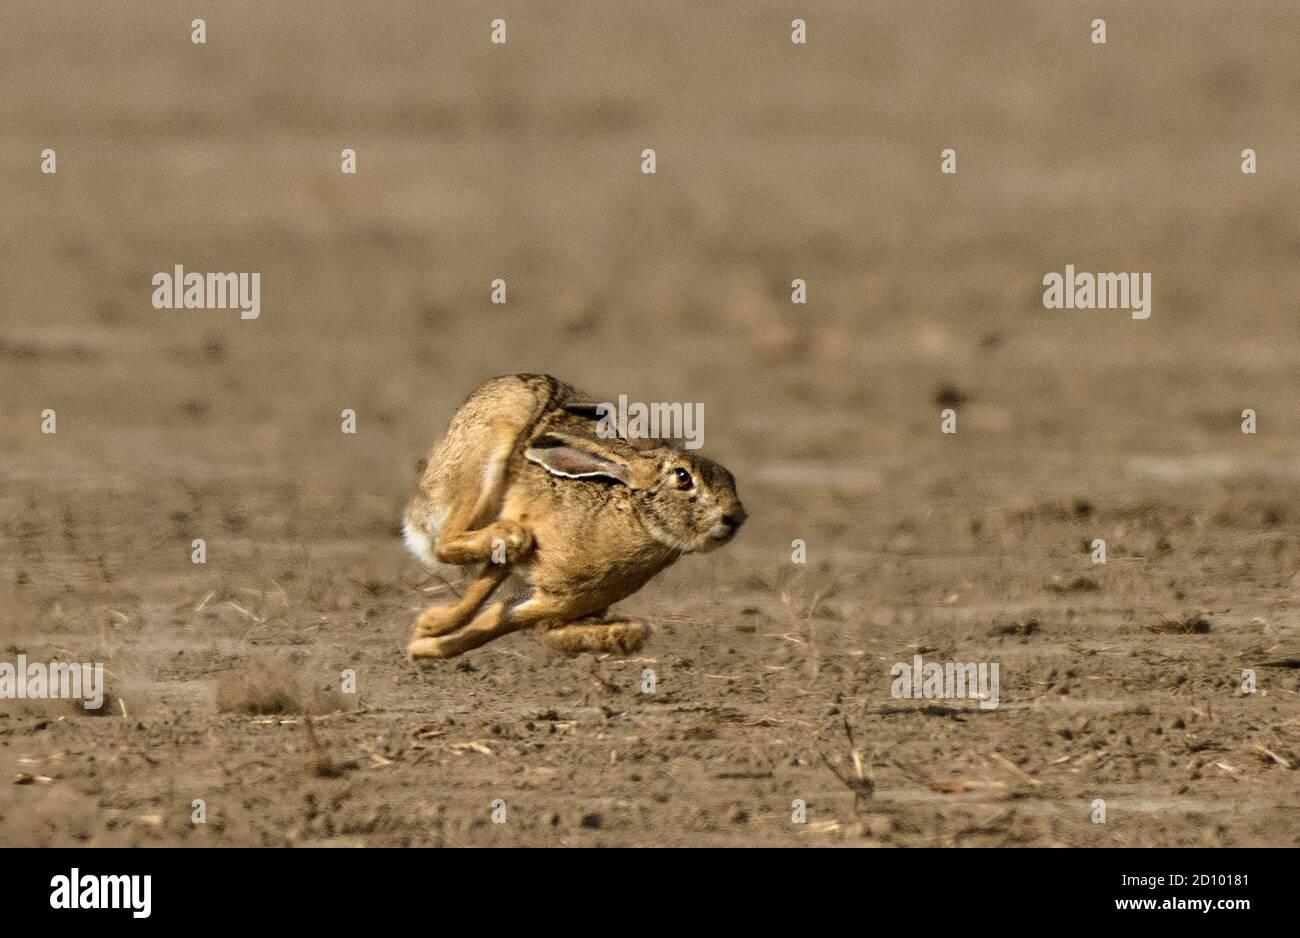 Hares(Lepus) e jackrabbit sono leporidi appartenenti al genere Lepus. Le lepri sono classificate nella stessa famiglia dei conigli. Foto Stock